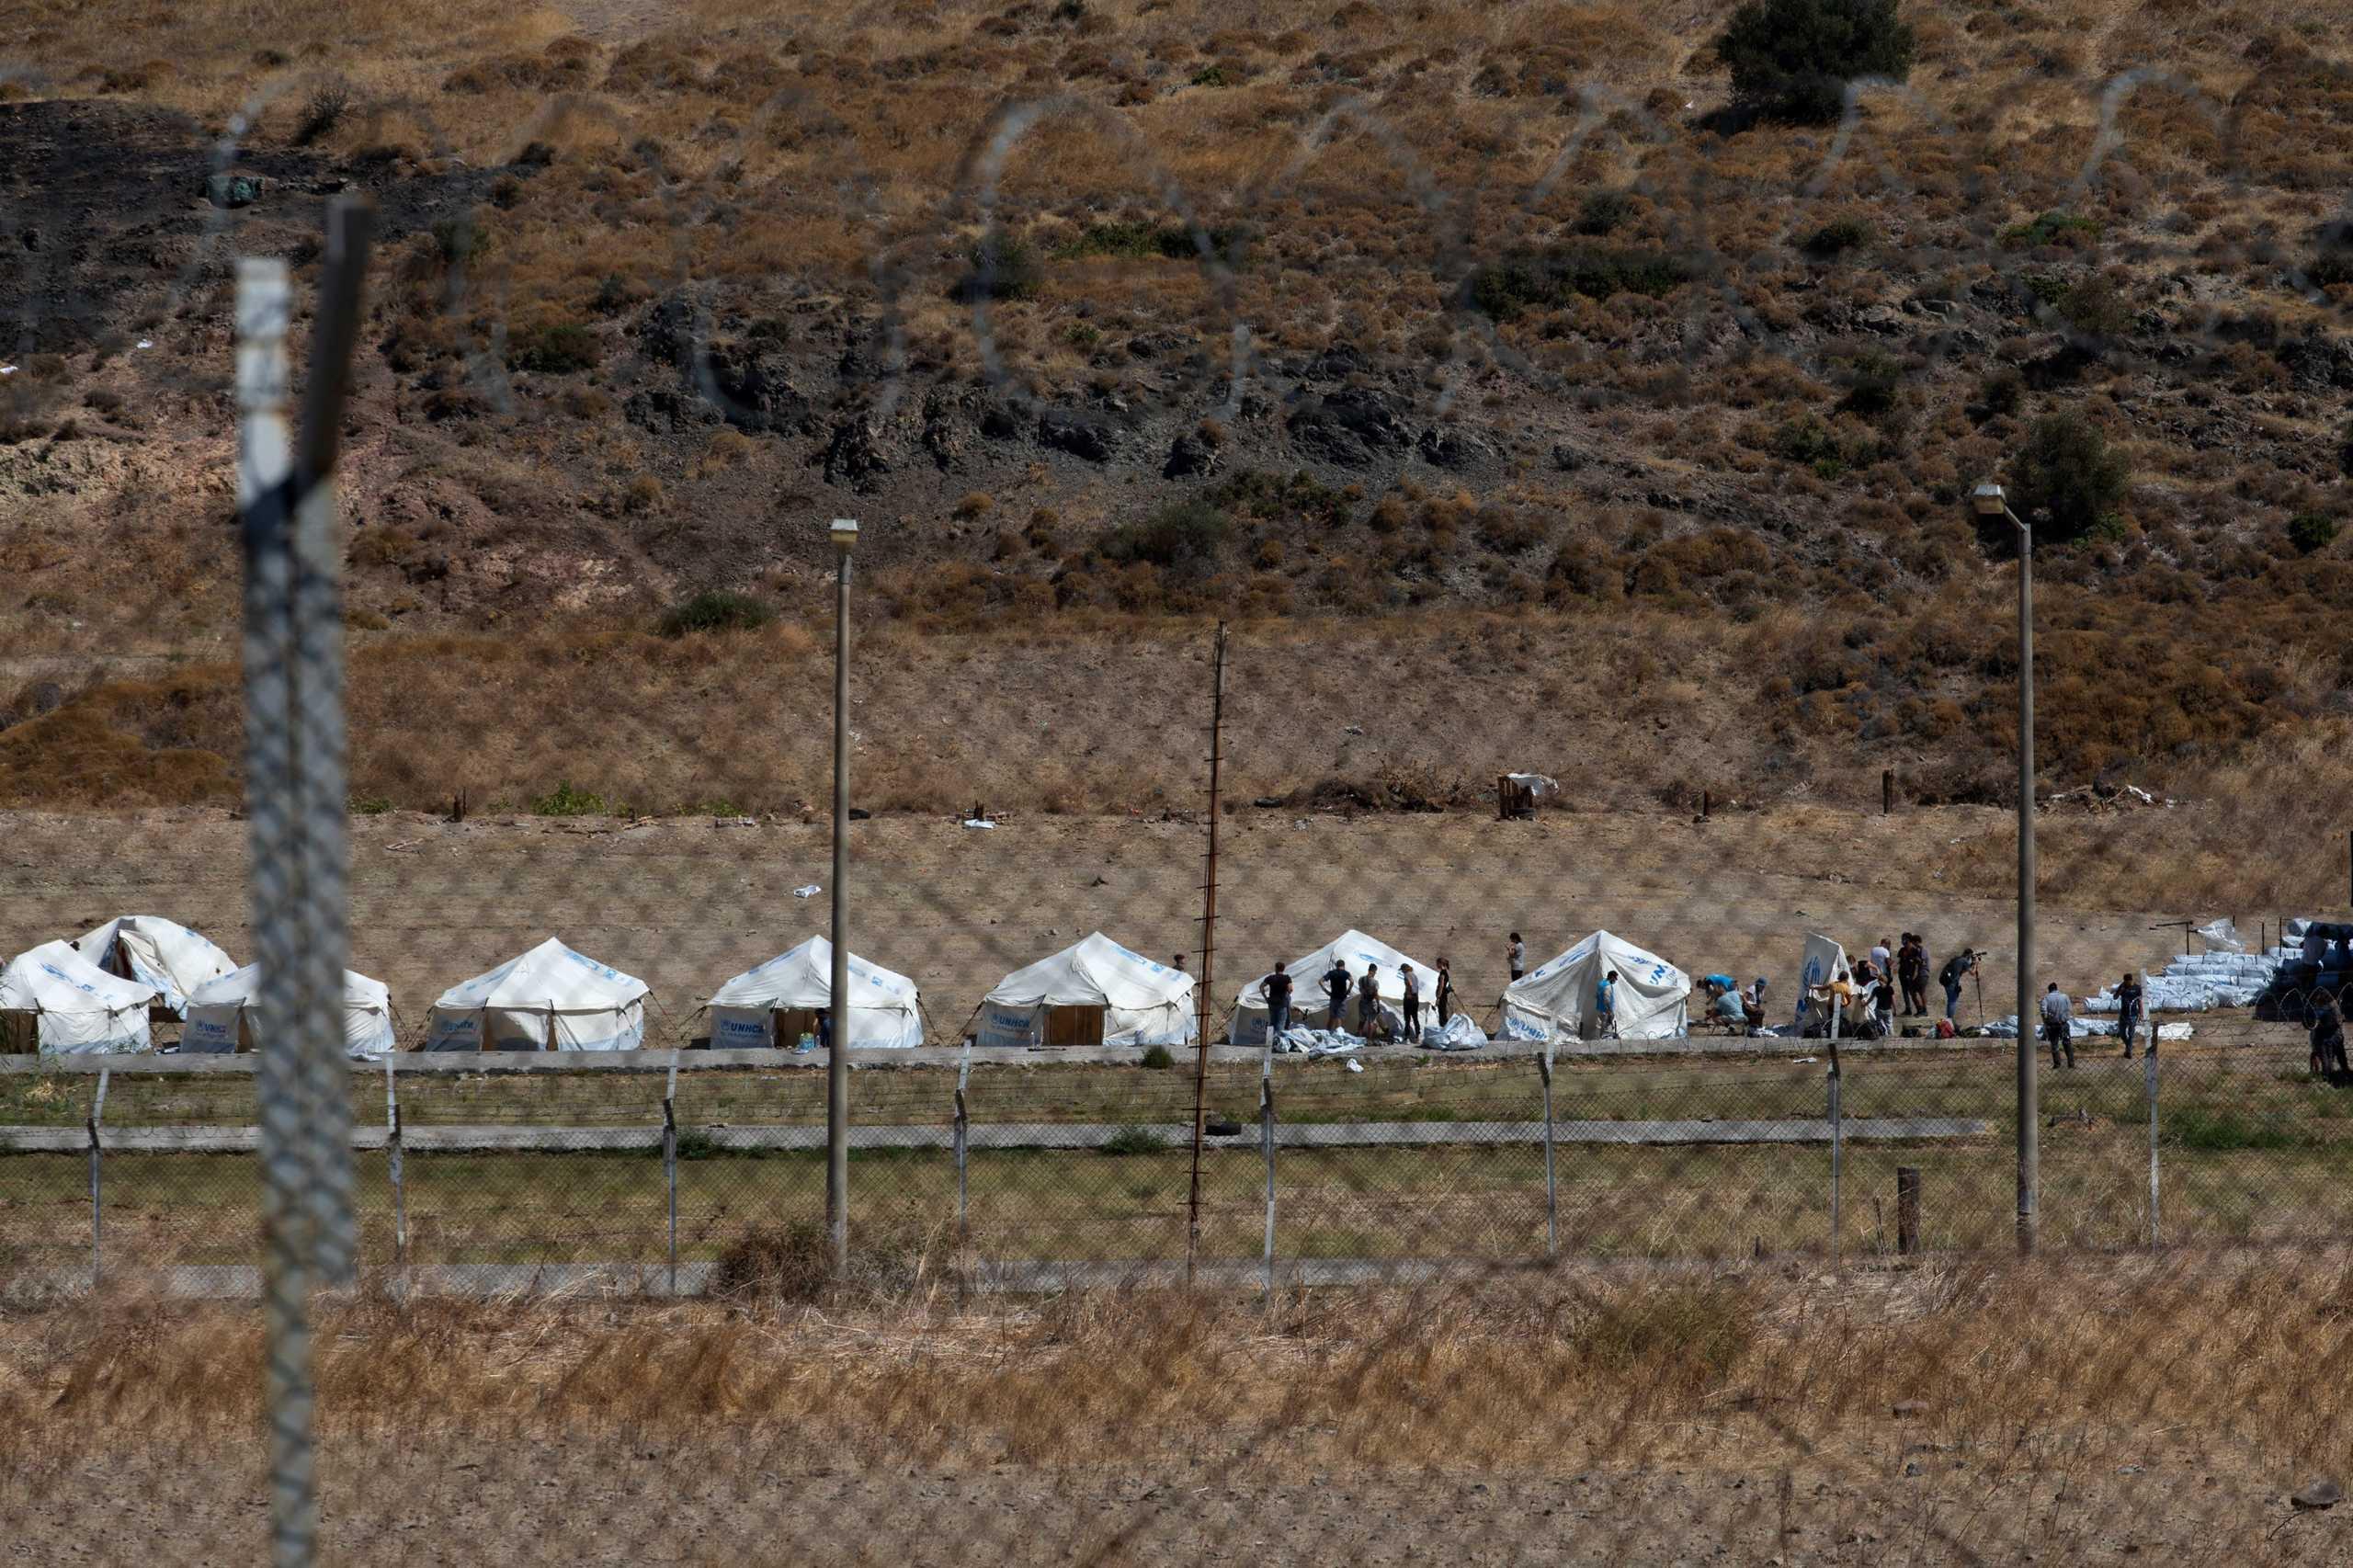 Λέσβος: Εκκενώνεται για να κλείσει ο  καταυλισμός του Καρά Τεπέ – Το σχέδιο στην τελική του φάση